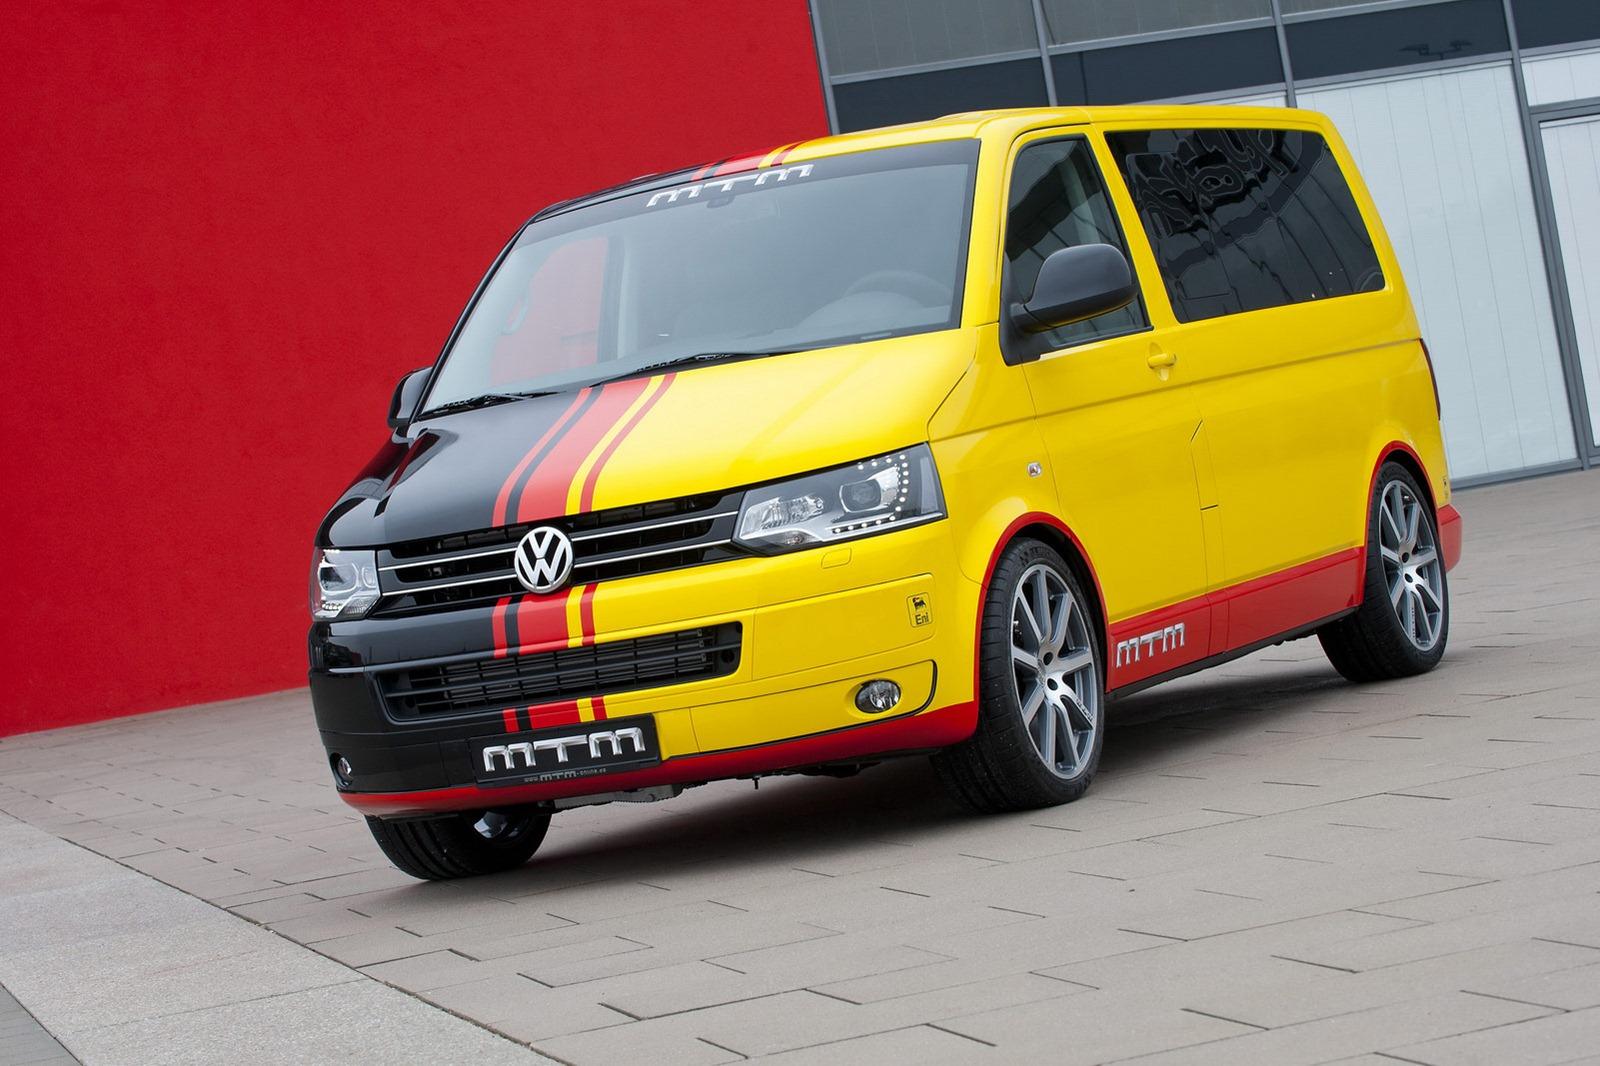 MTM Volkswagen T5 Van Delivers 472 HP - autoevolution